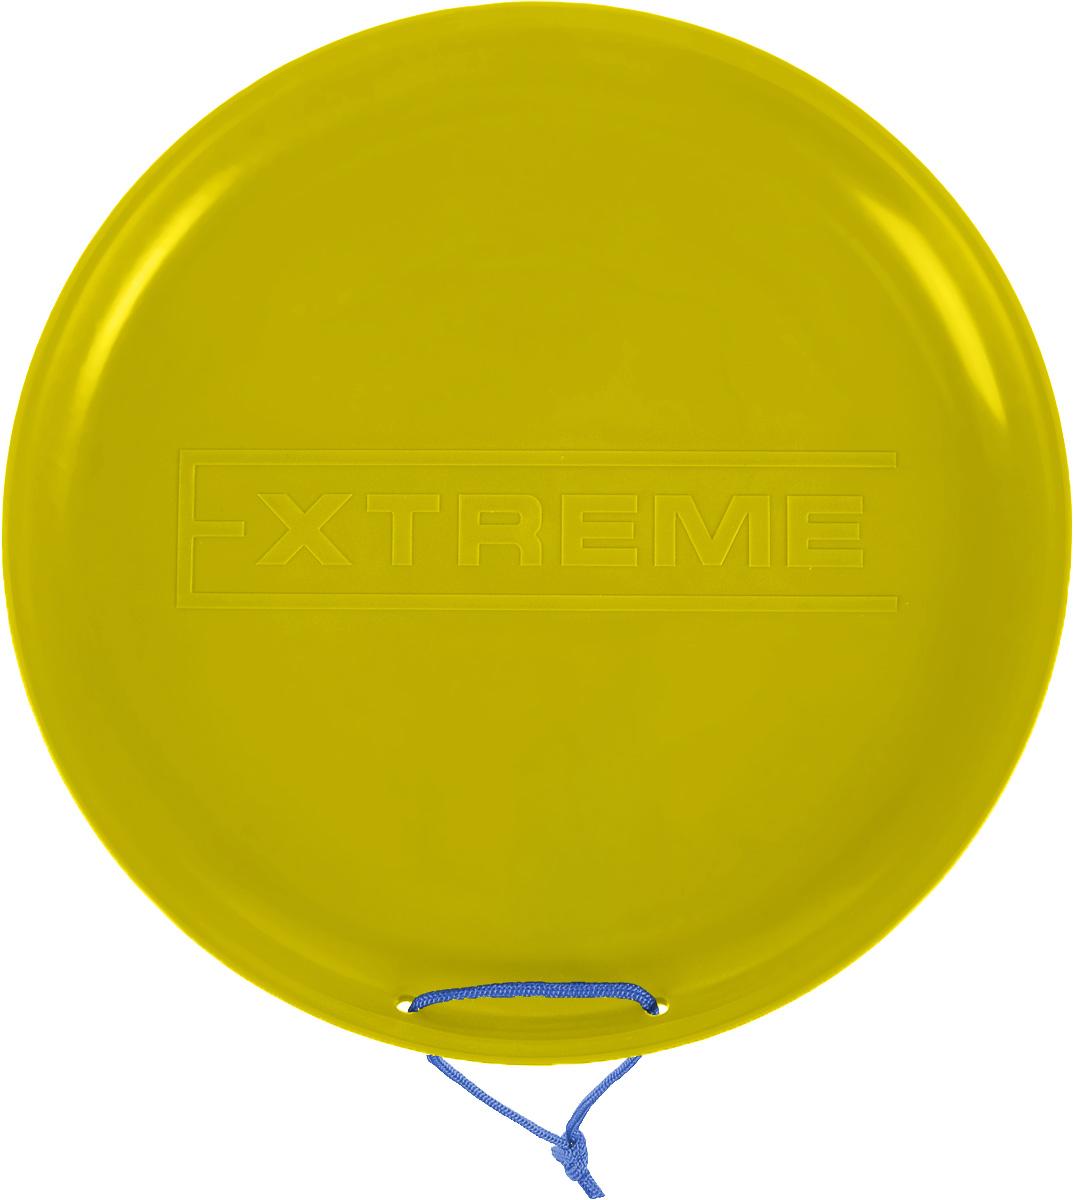 """Санки-ледянки Престиж """"Экстрим"""", цвет: желтый, диаметр 40 см 337713"""